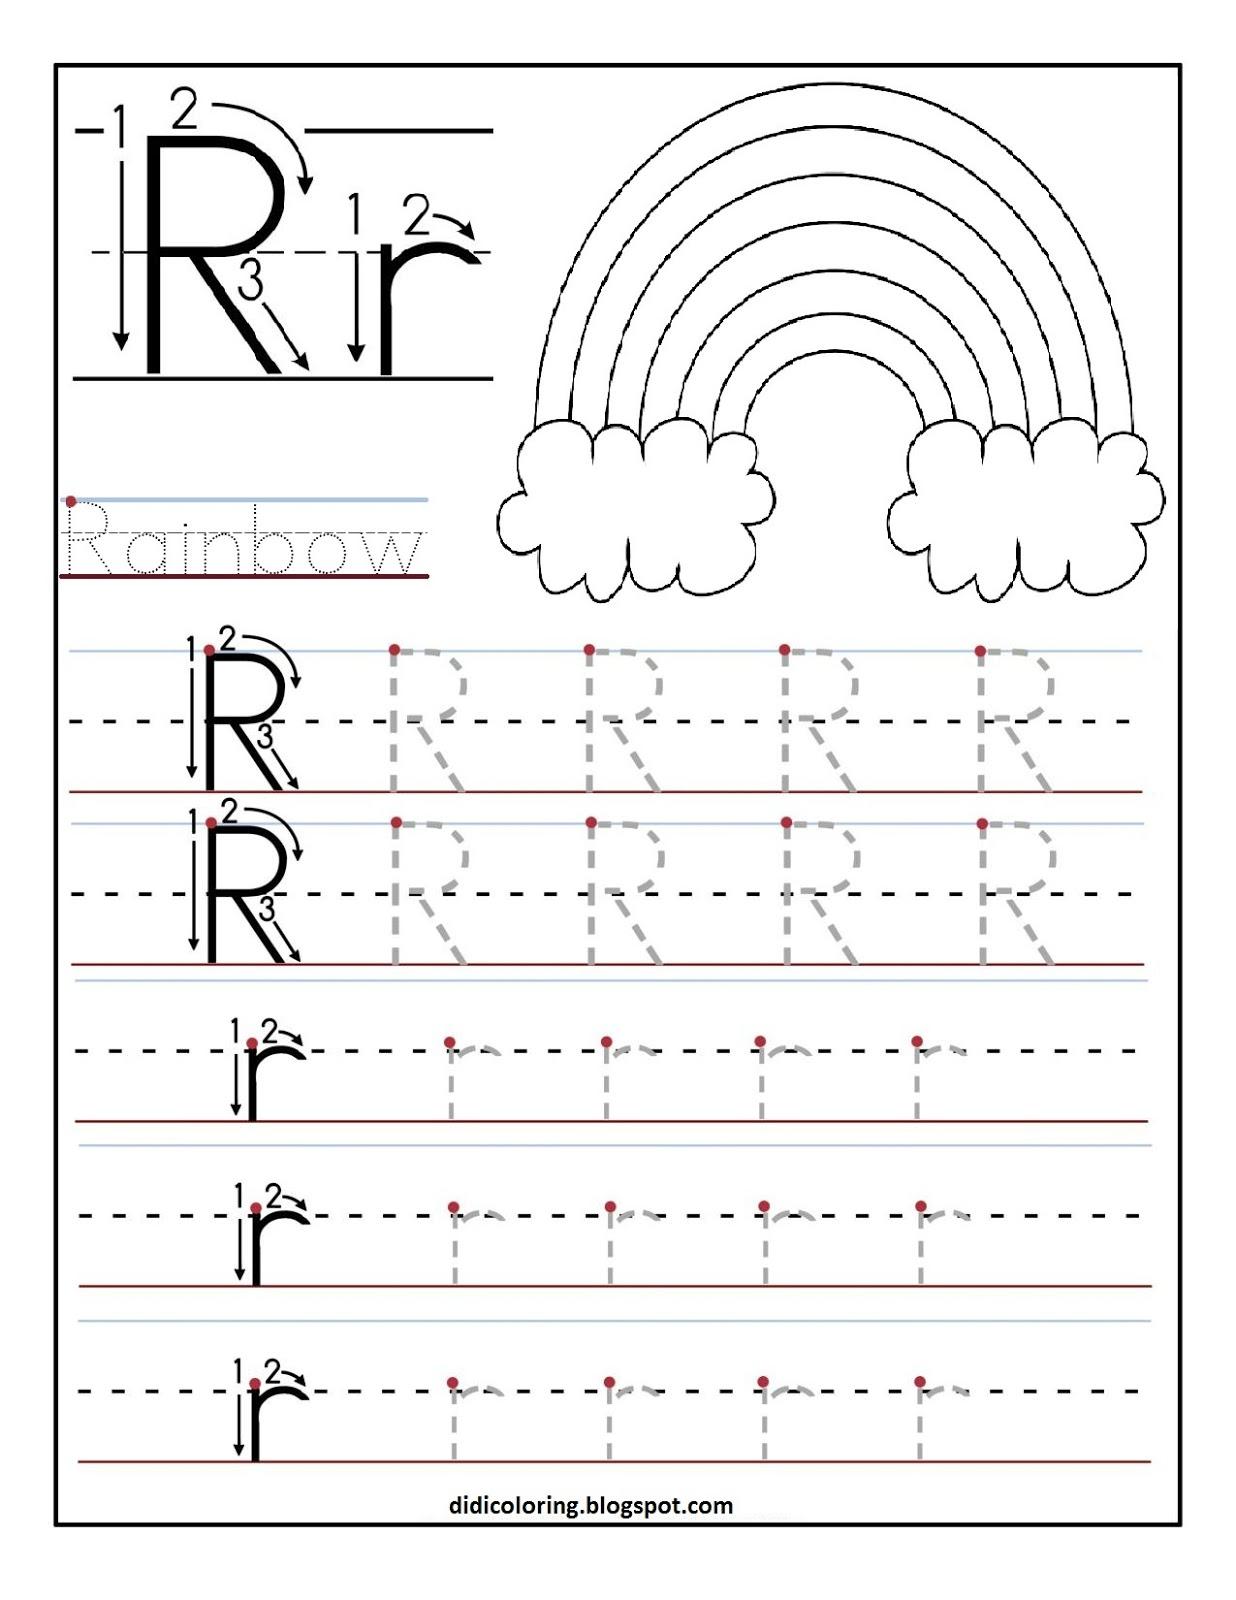 printable letter r tracing worksheets for 1 236 1 600 pixels letter r preschool. Black Bedroom Furniture Sets. Home Design Ideas